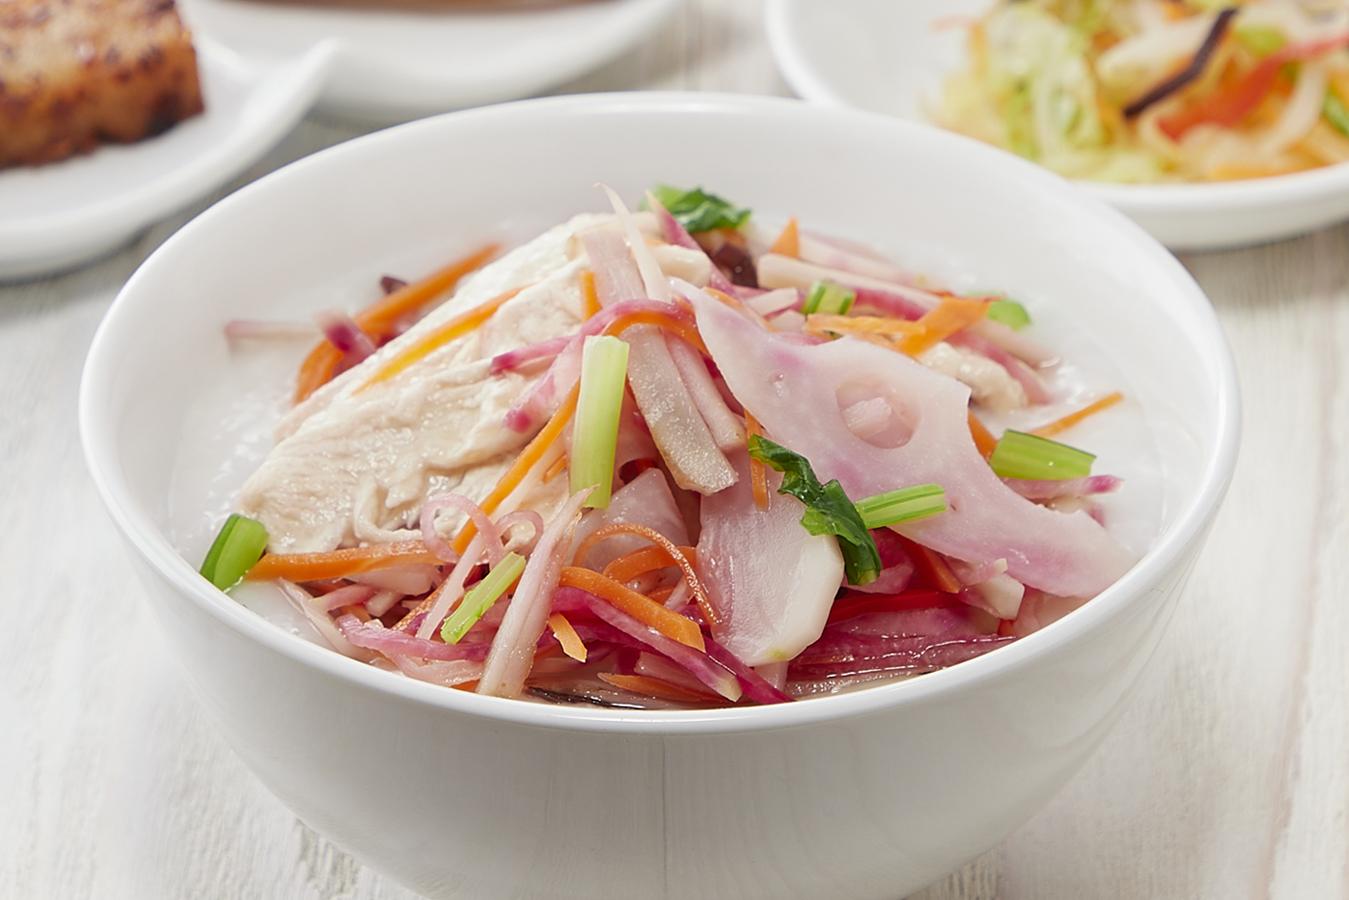 季節のおすすめメニュー「鶏肉と根菜のゆず風味粥」販売開始!